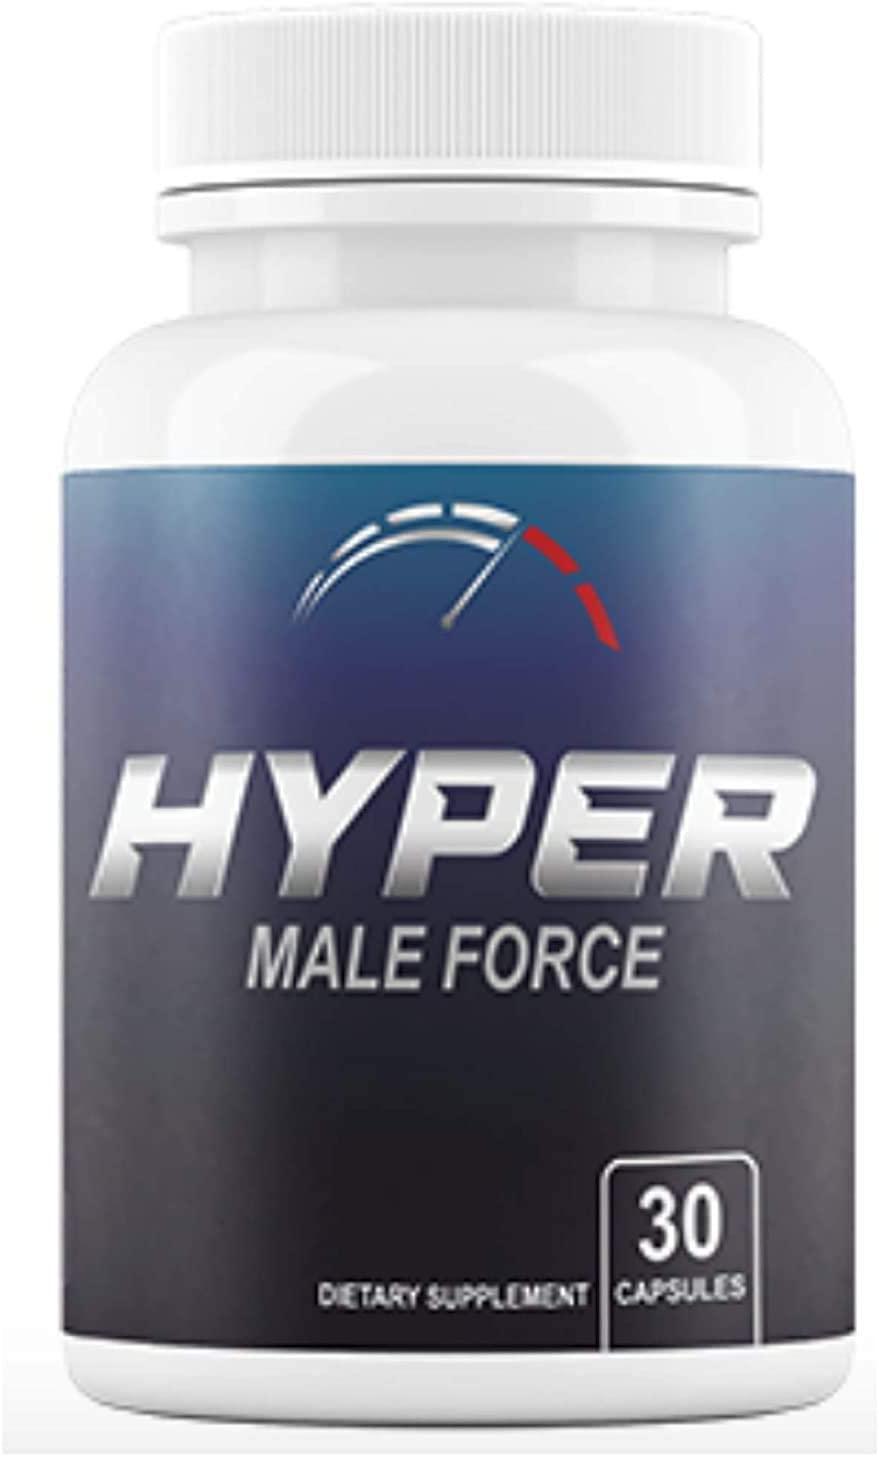 Hyper Male Force what is it?